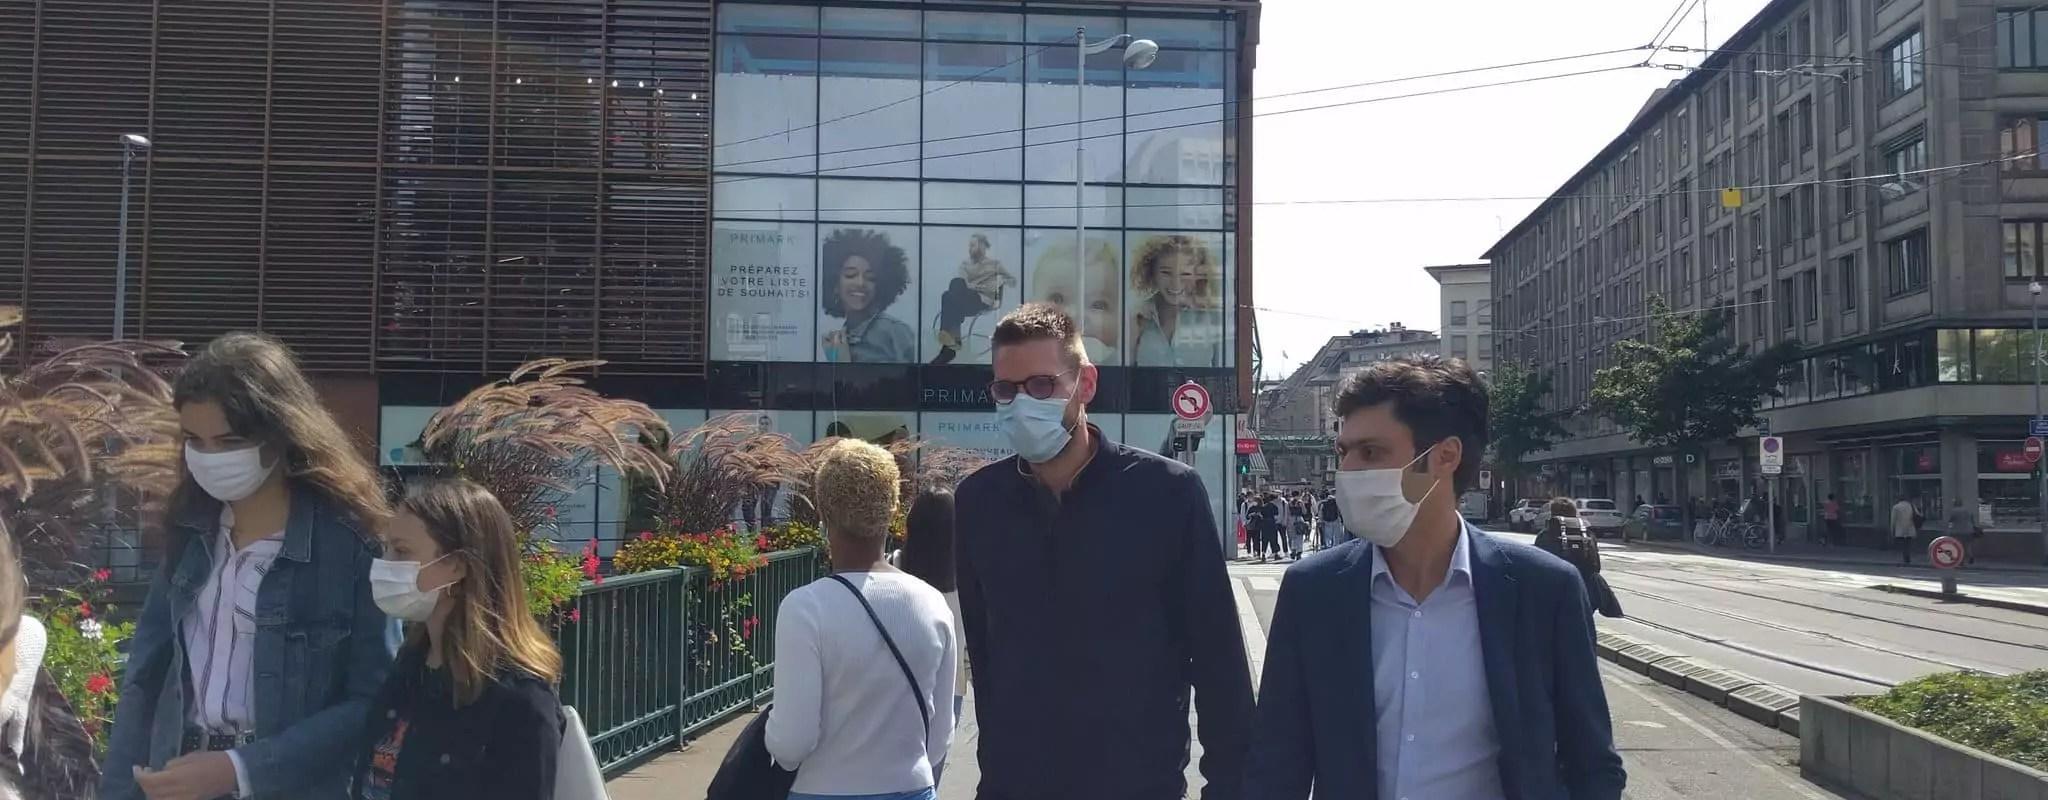 Masques obligatoires: la préfecture doit préciser les zones et les horaires d'ici lundi